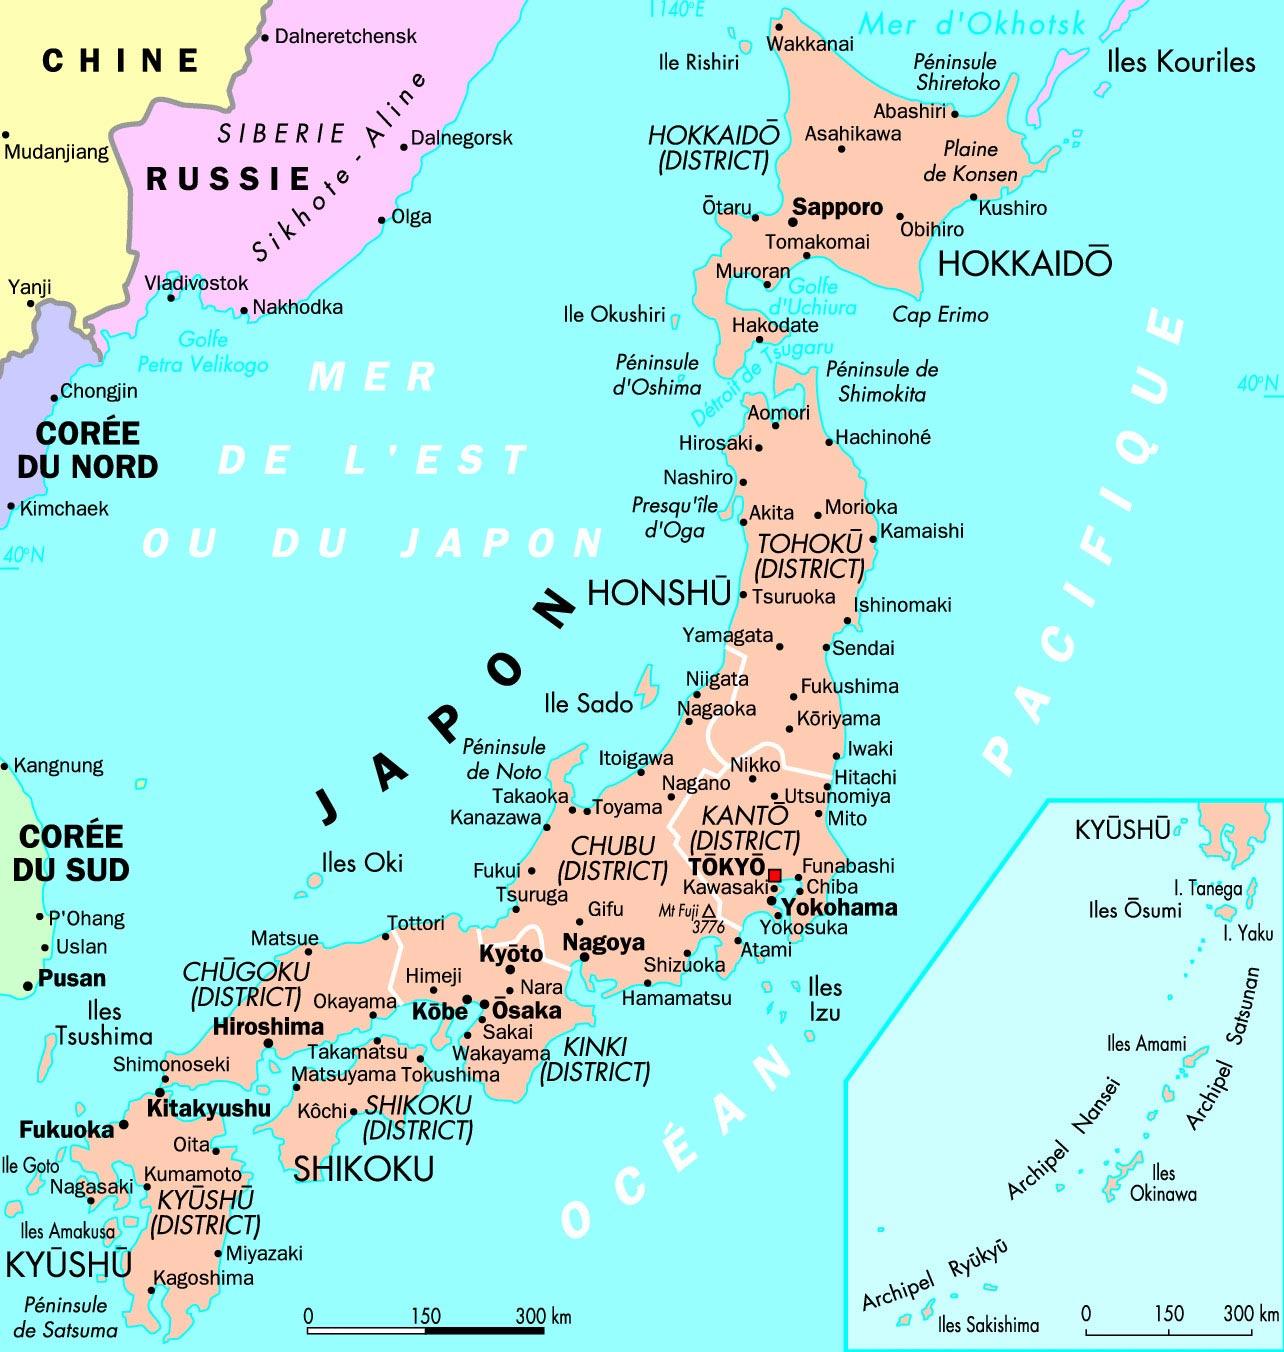 Japon - Carte détaillée